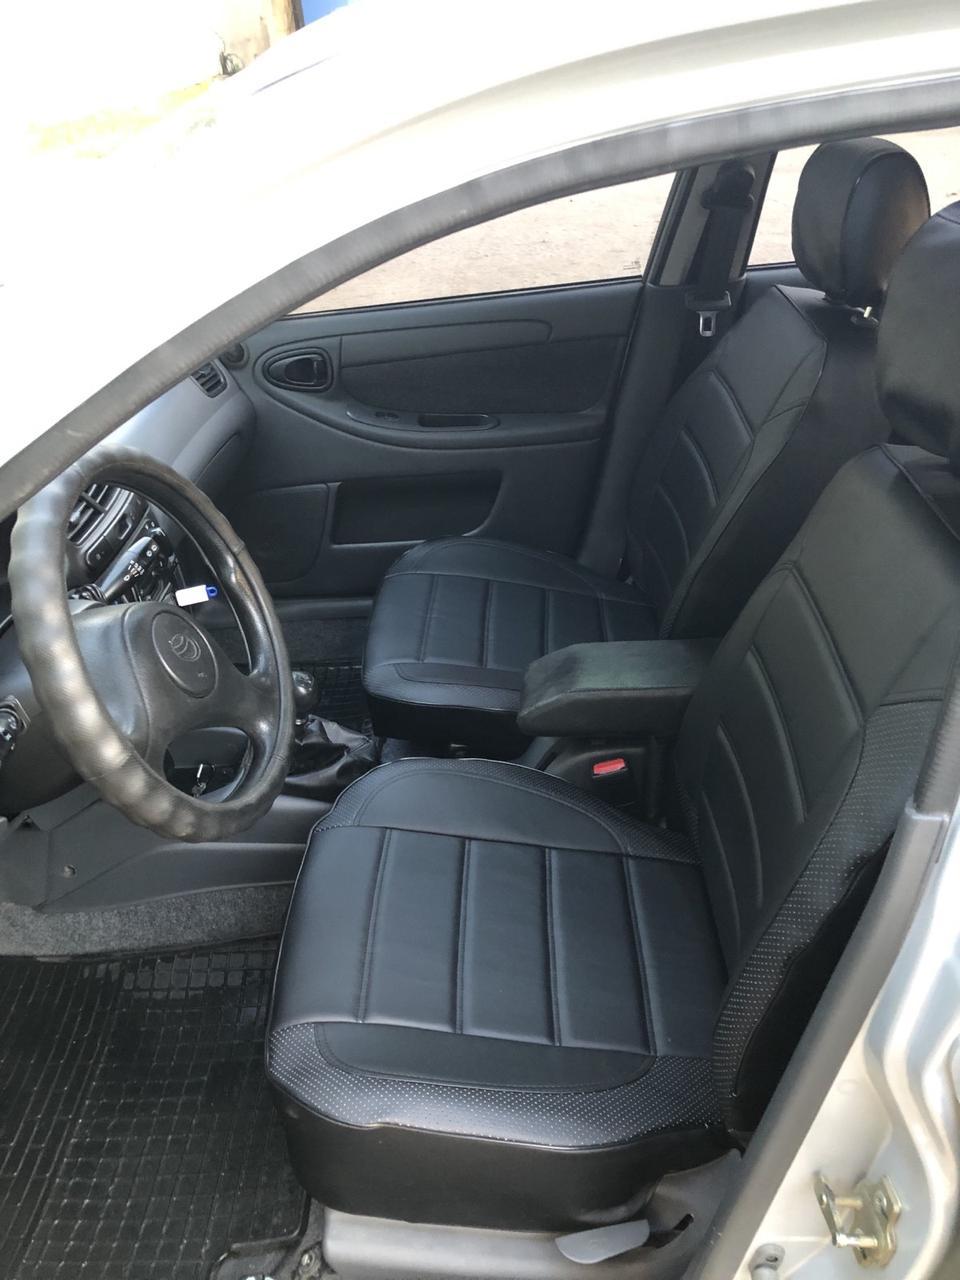 Чехлы на сиденья Опель Омега Б (Opel Omega B) модельные MAX-L из экокожи Черный